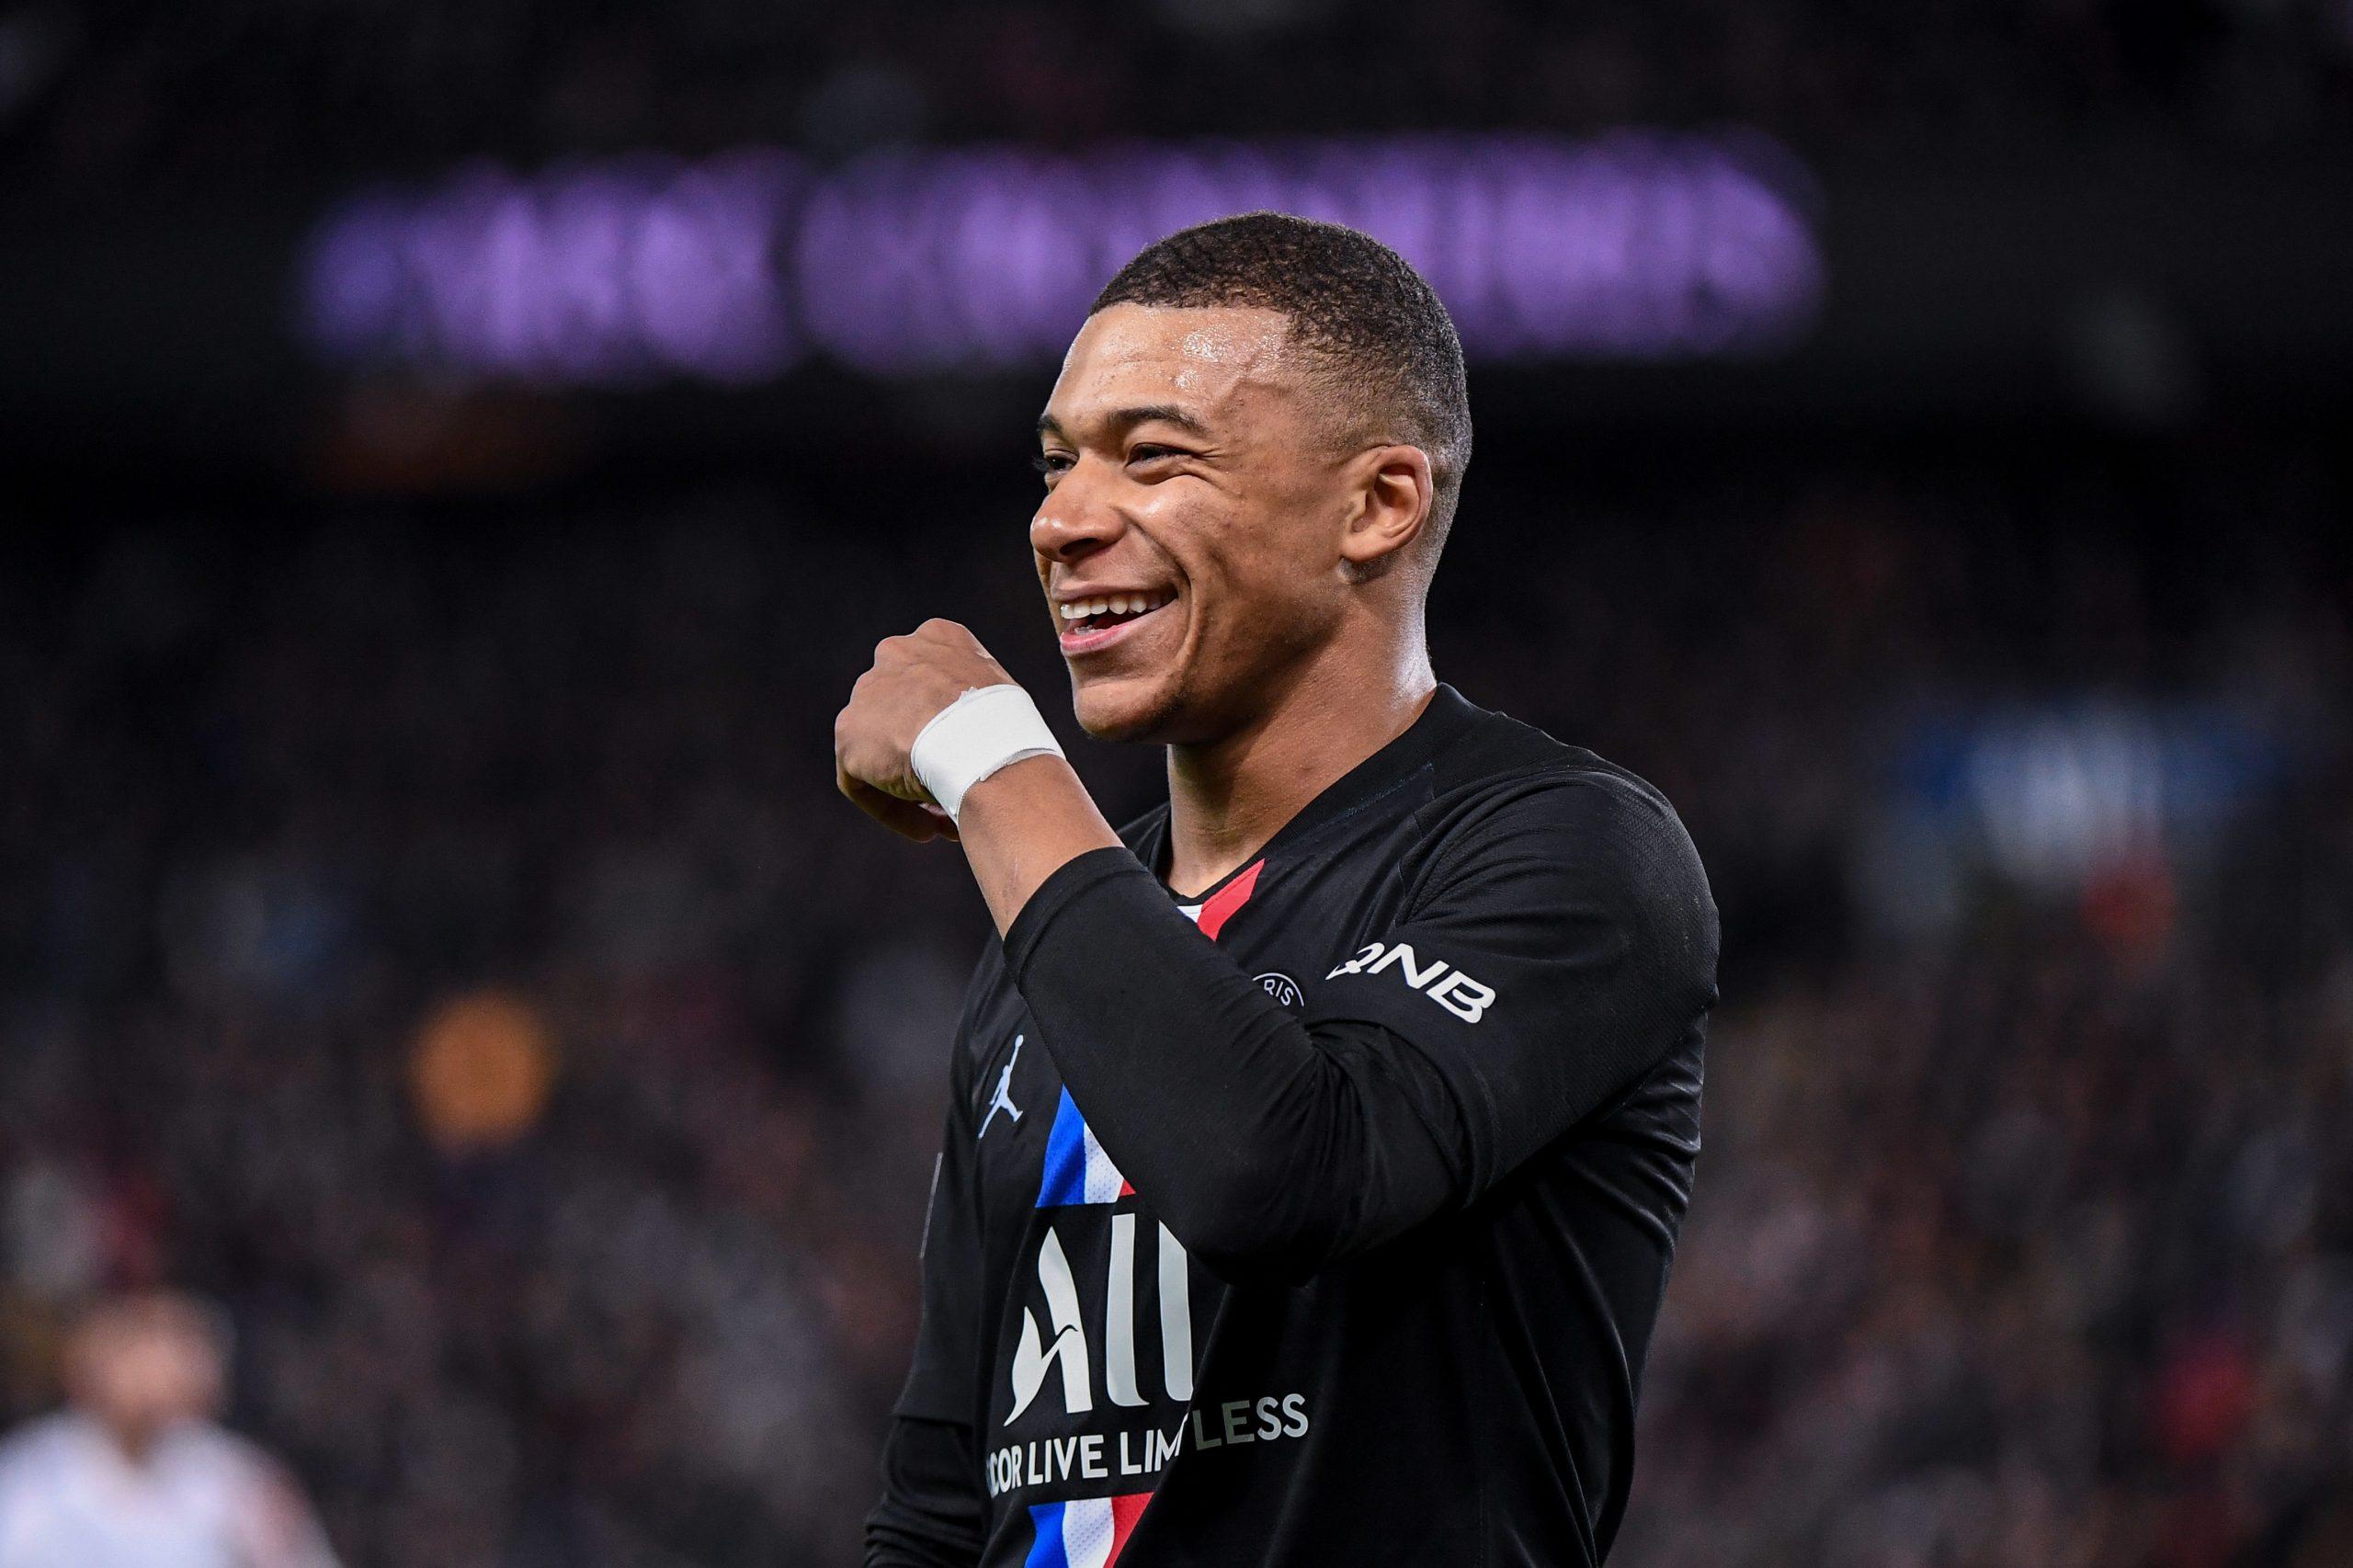 Mbappé affiche son ambition de remporter la Ligue des Champions avec le PSG